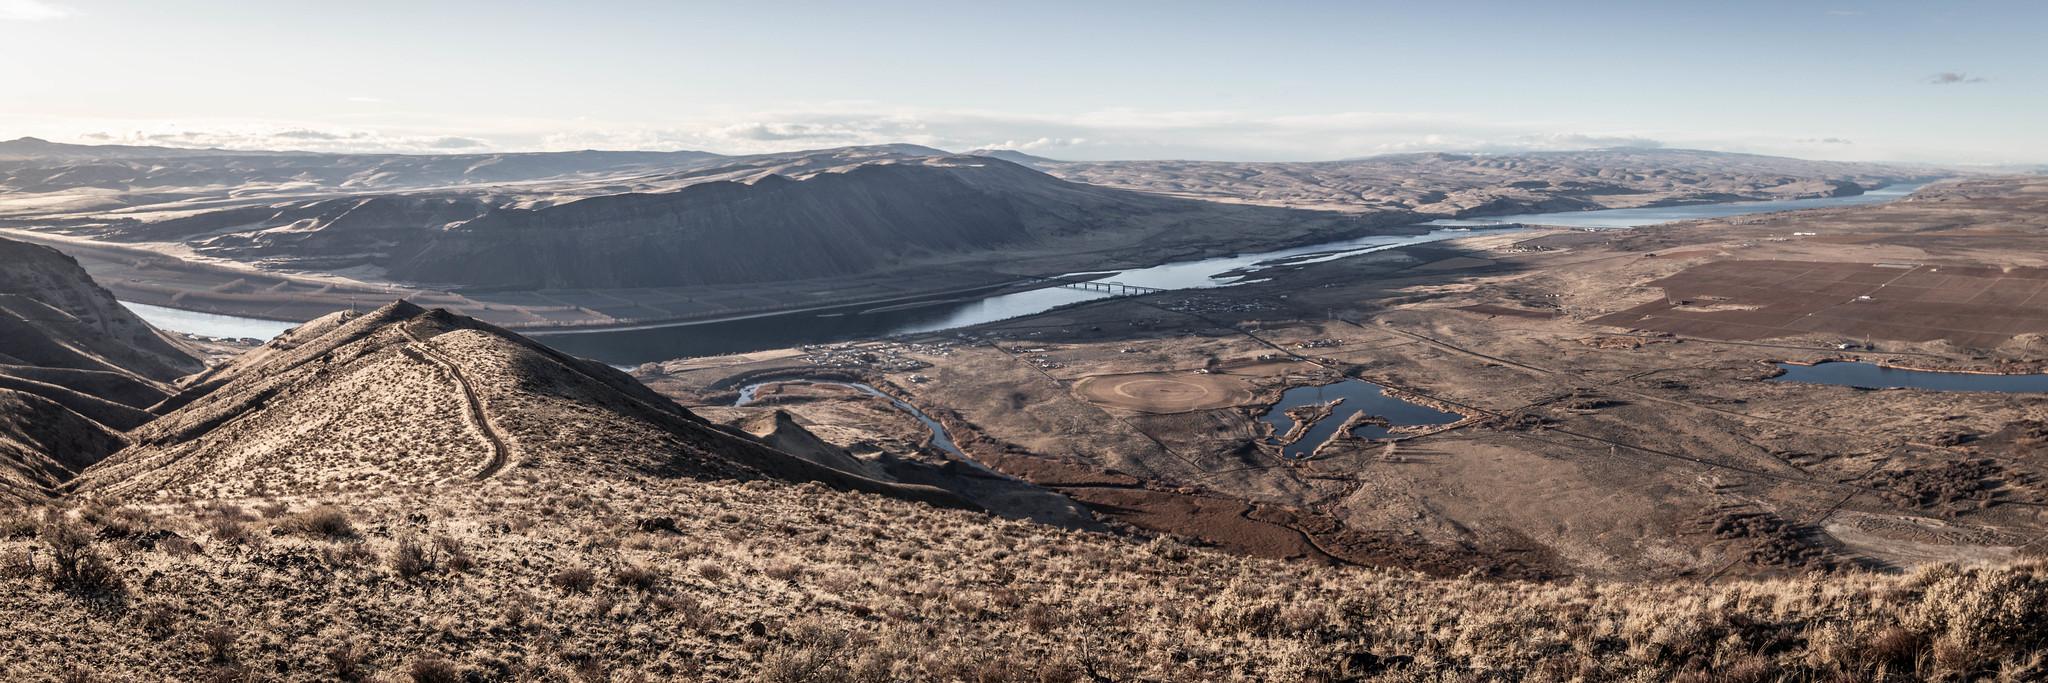 West-northwest panoramic view